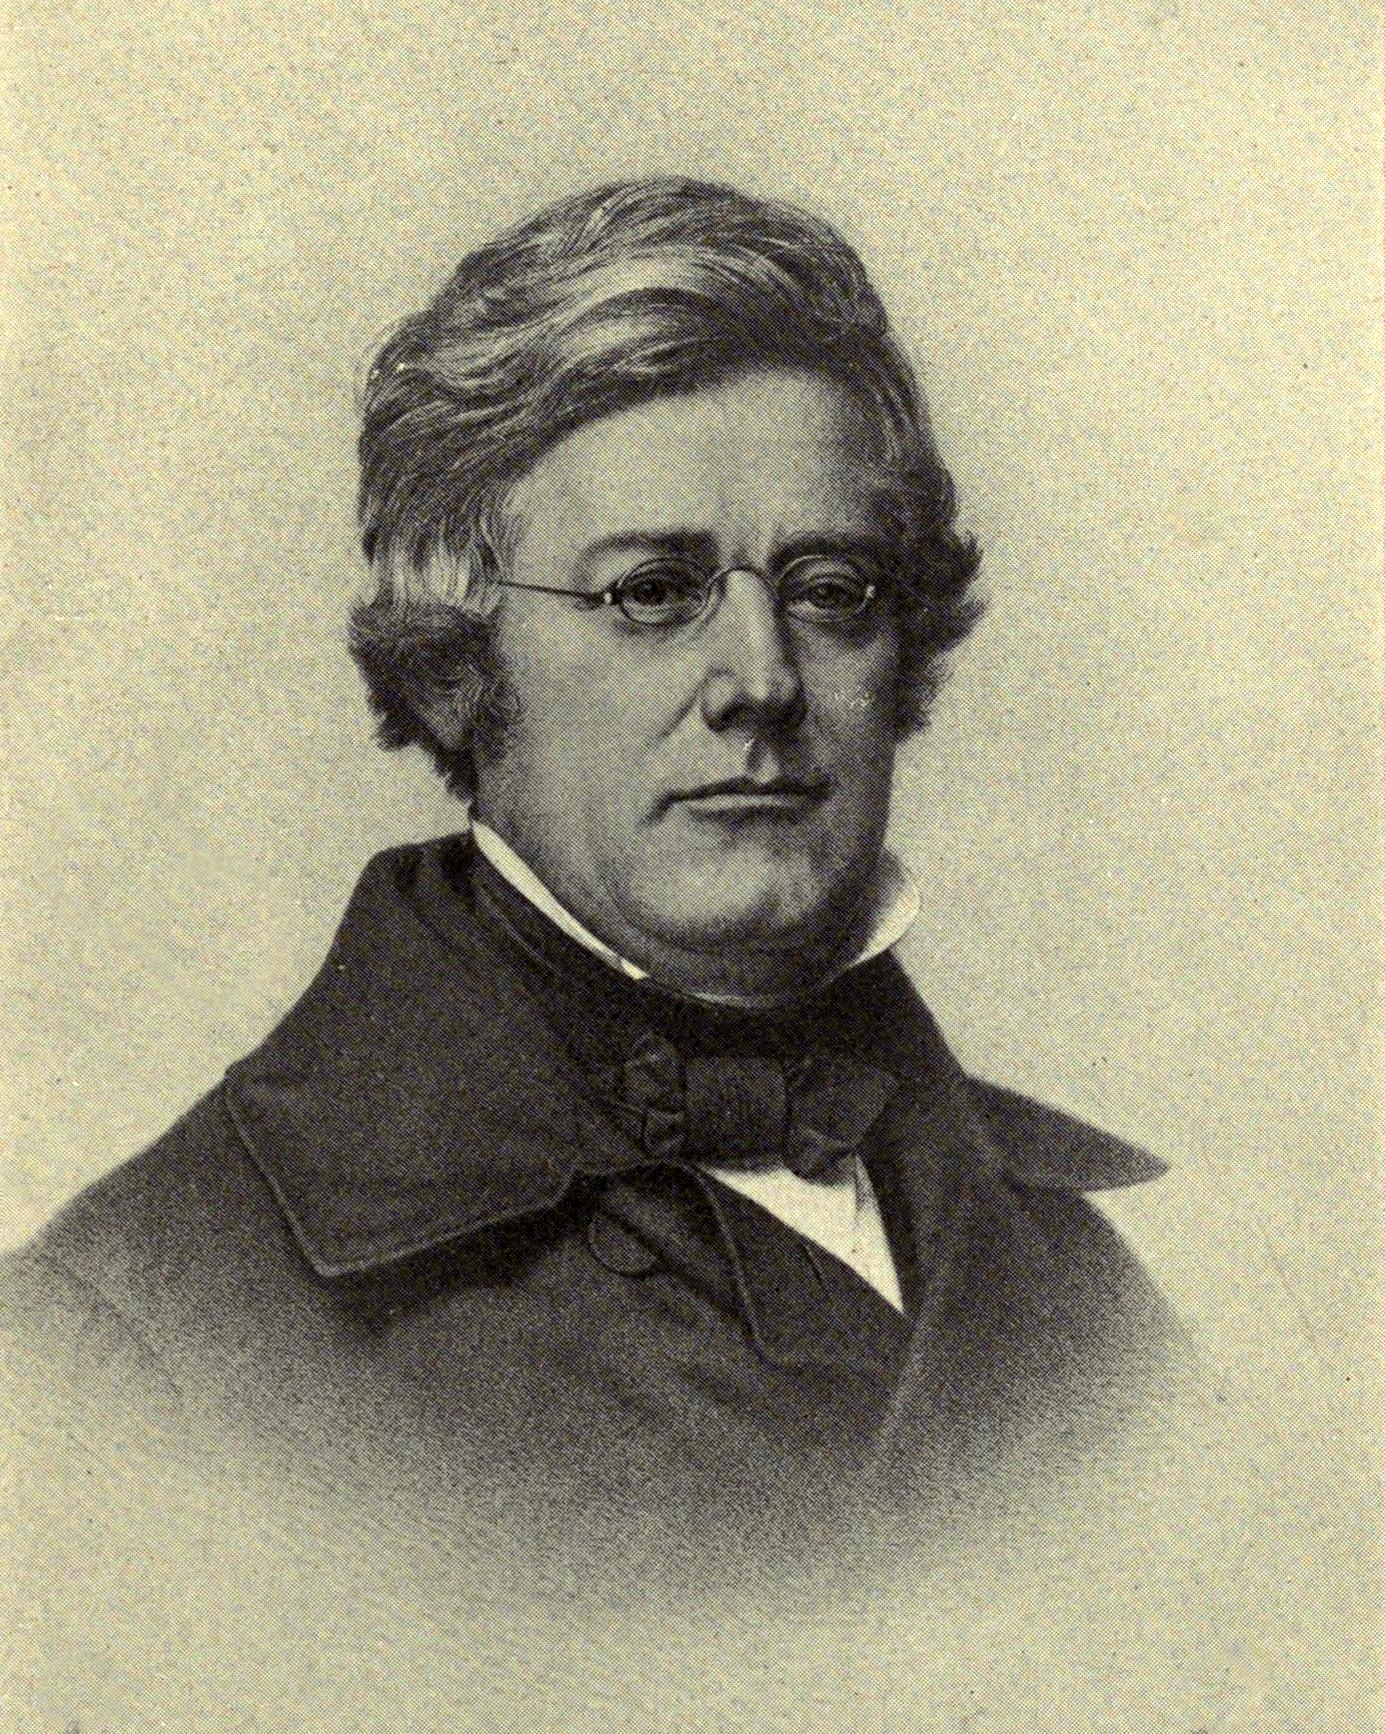 Image of Robert Montgomery Bird from Wikidata